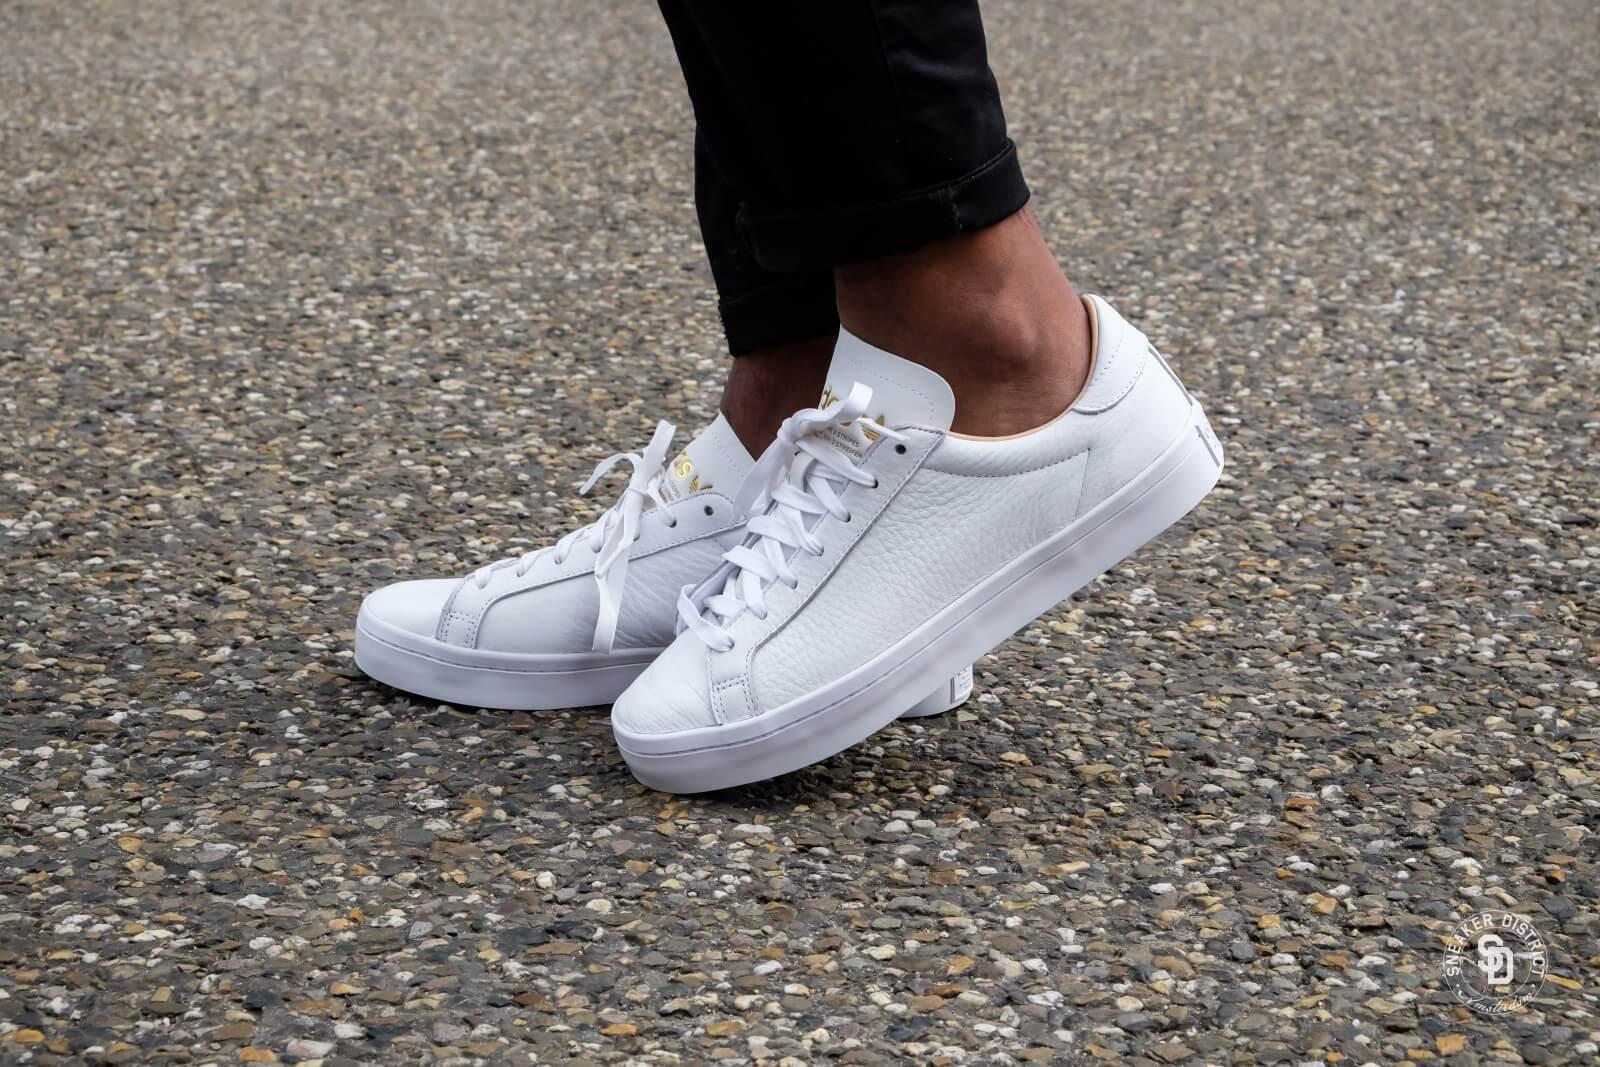 Adidas Court Vantage Leather White/White